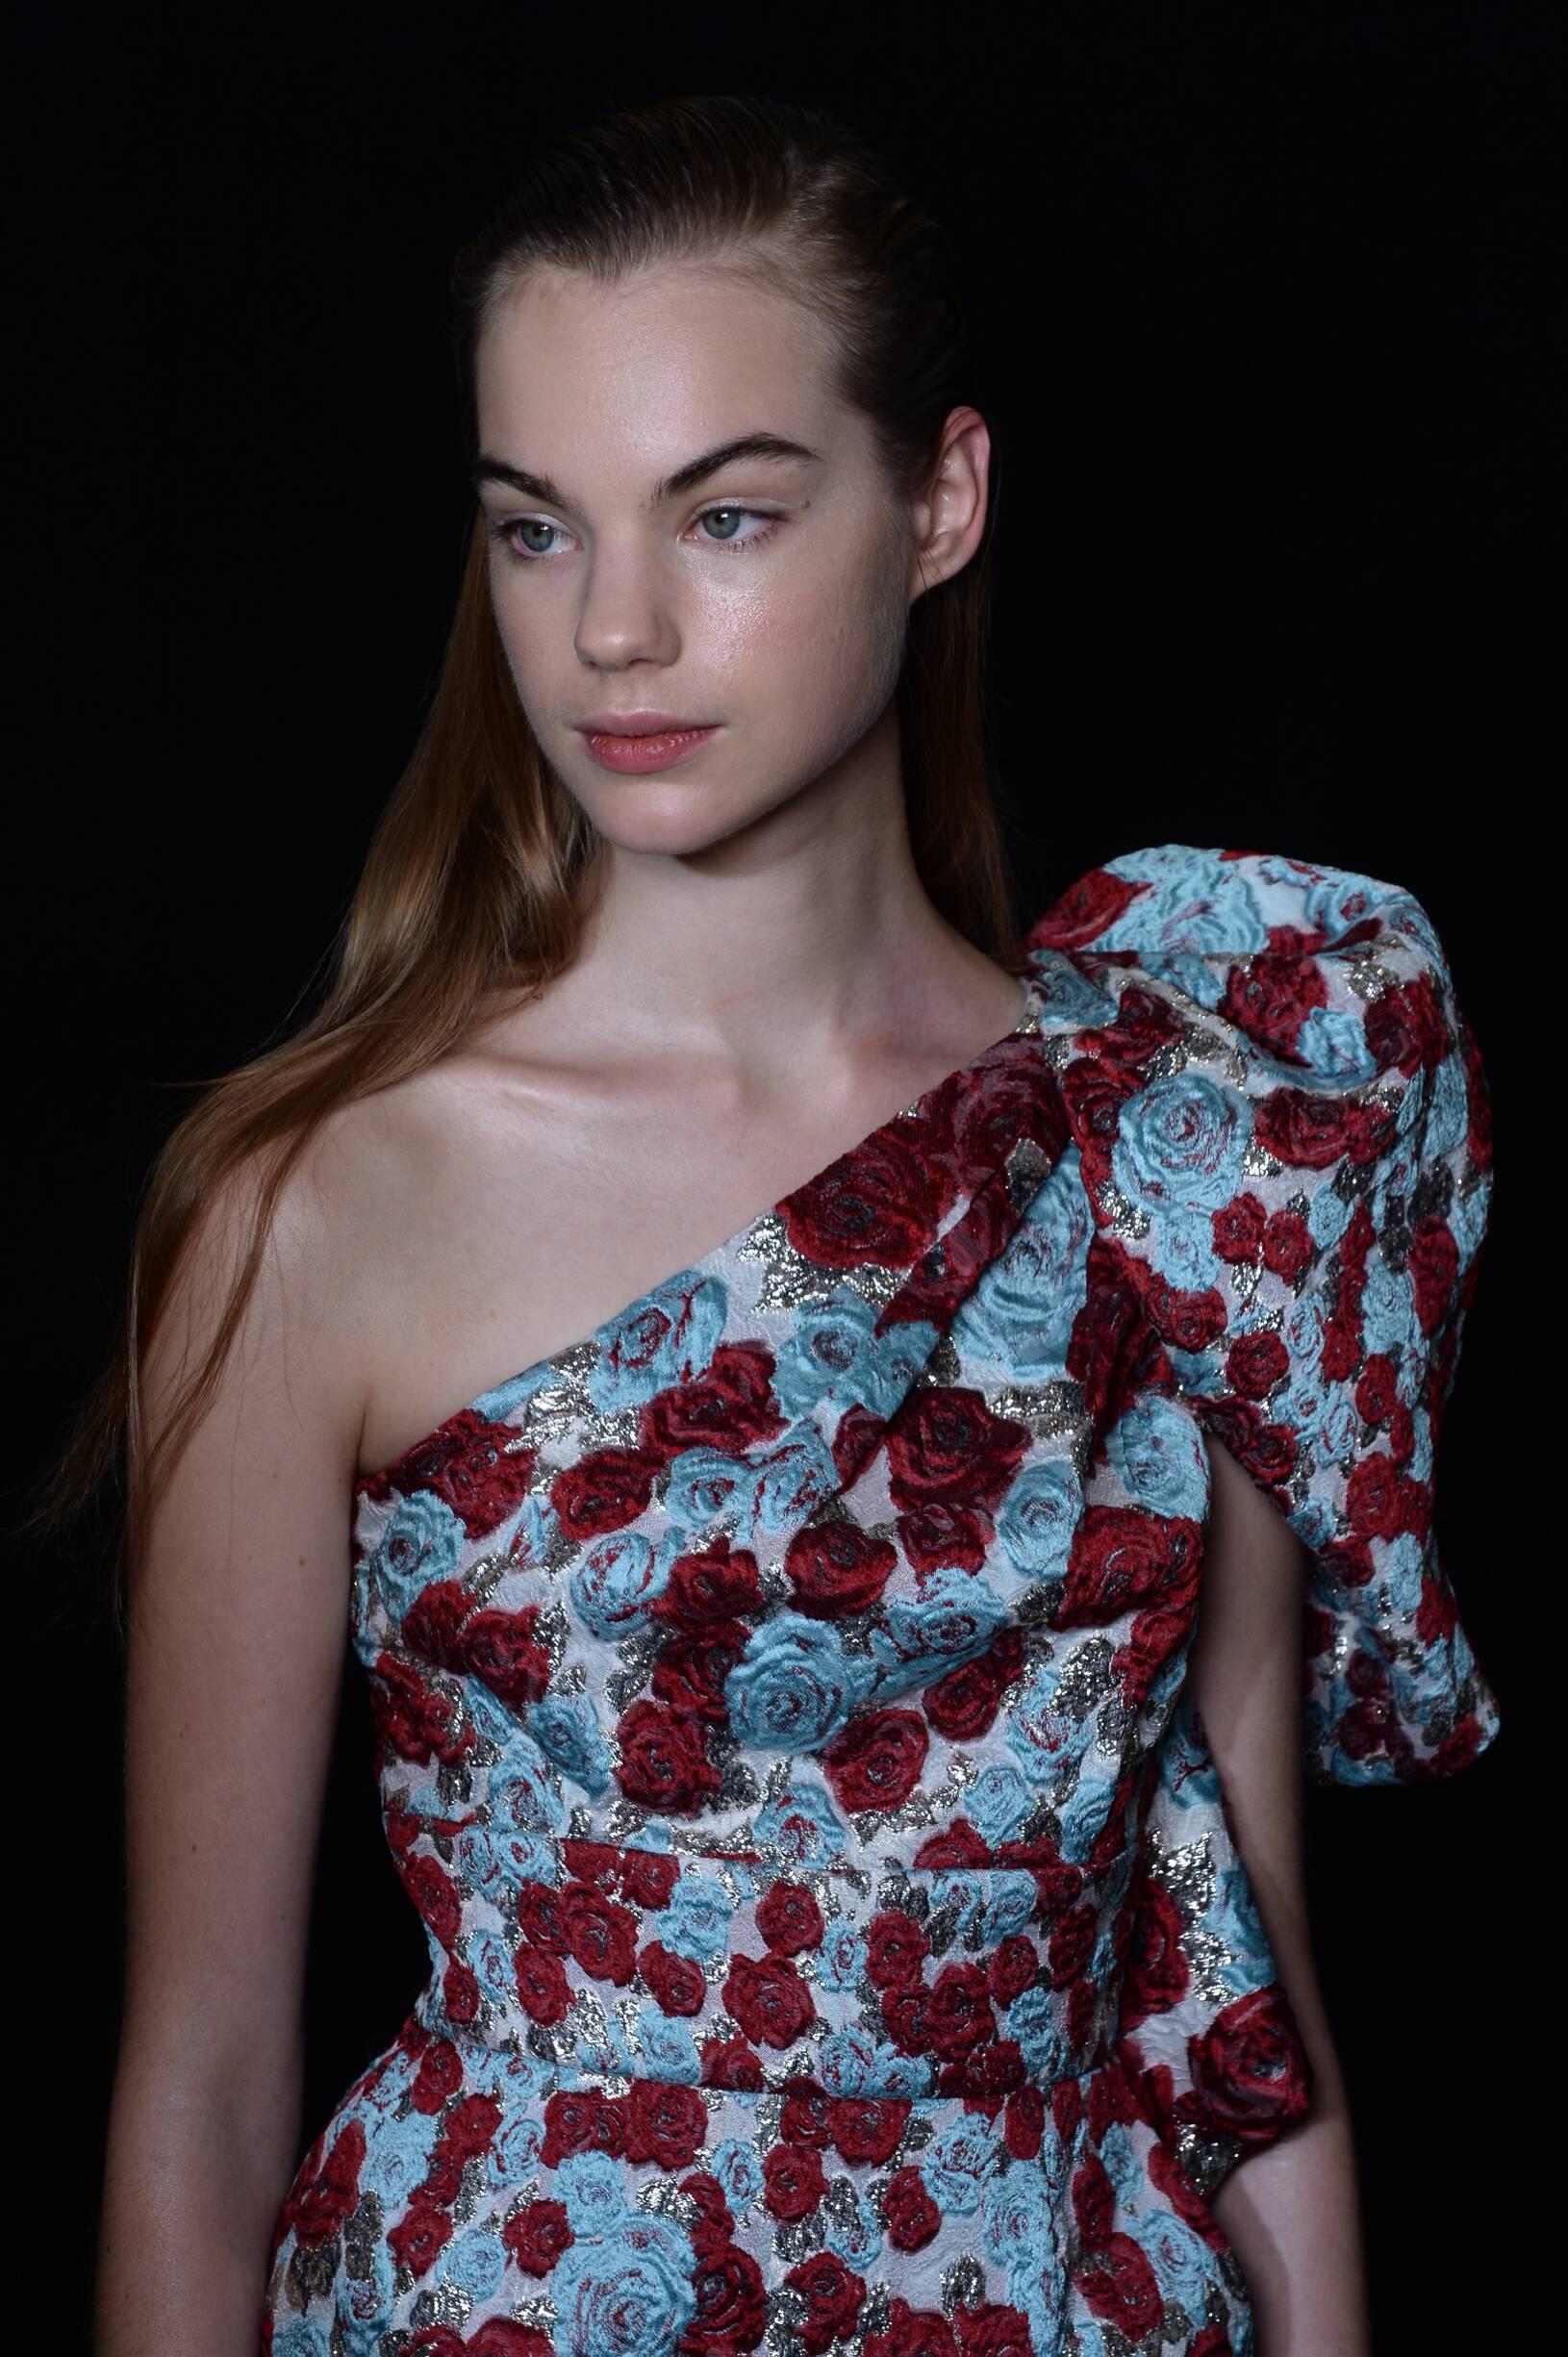 Backstage Emanuel Ungaro Paris Fashion week